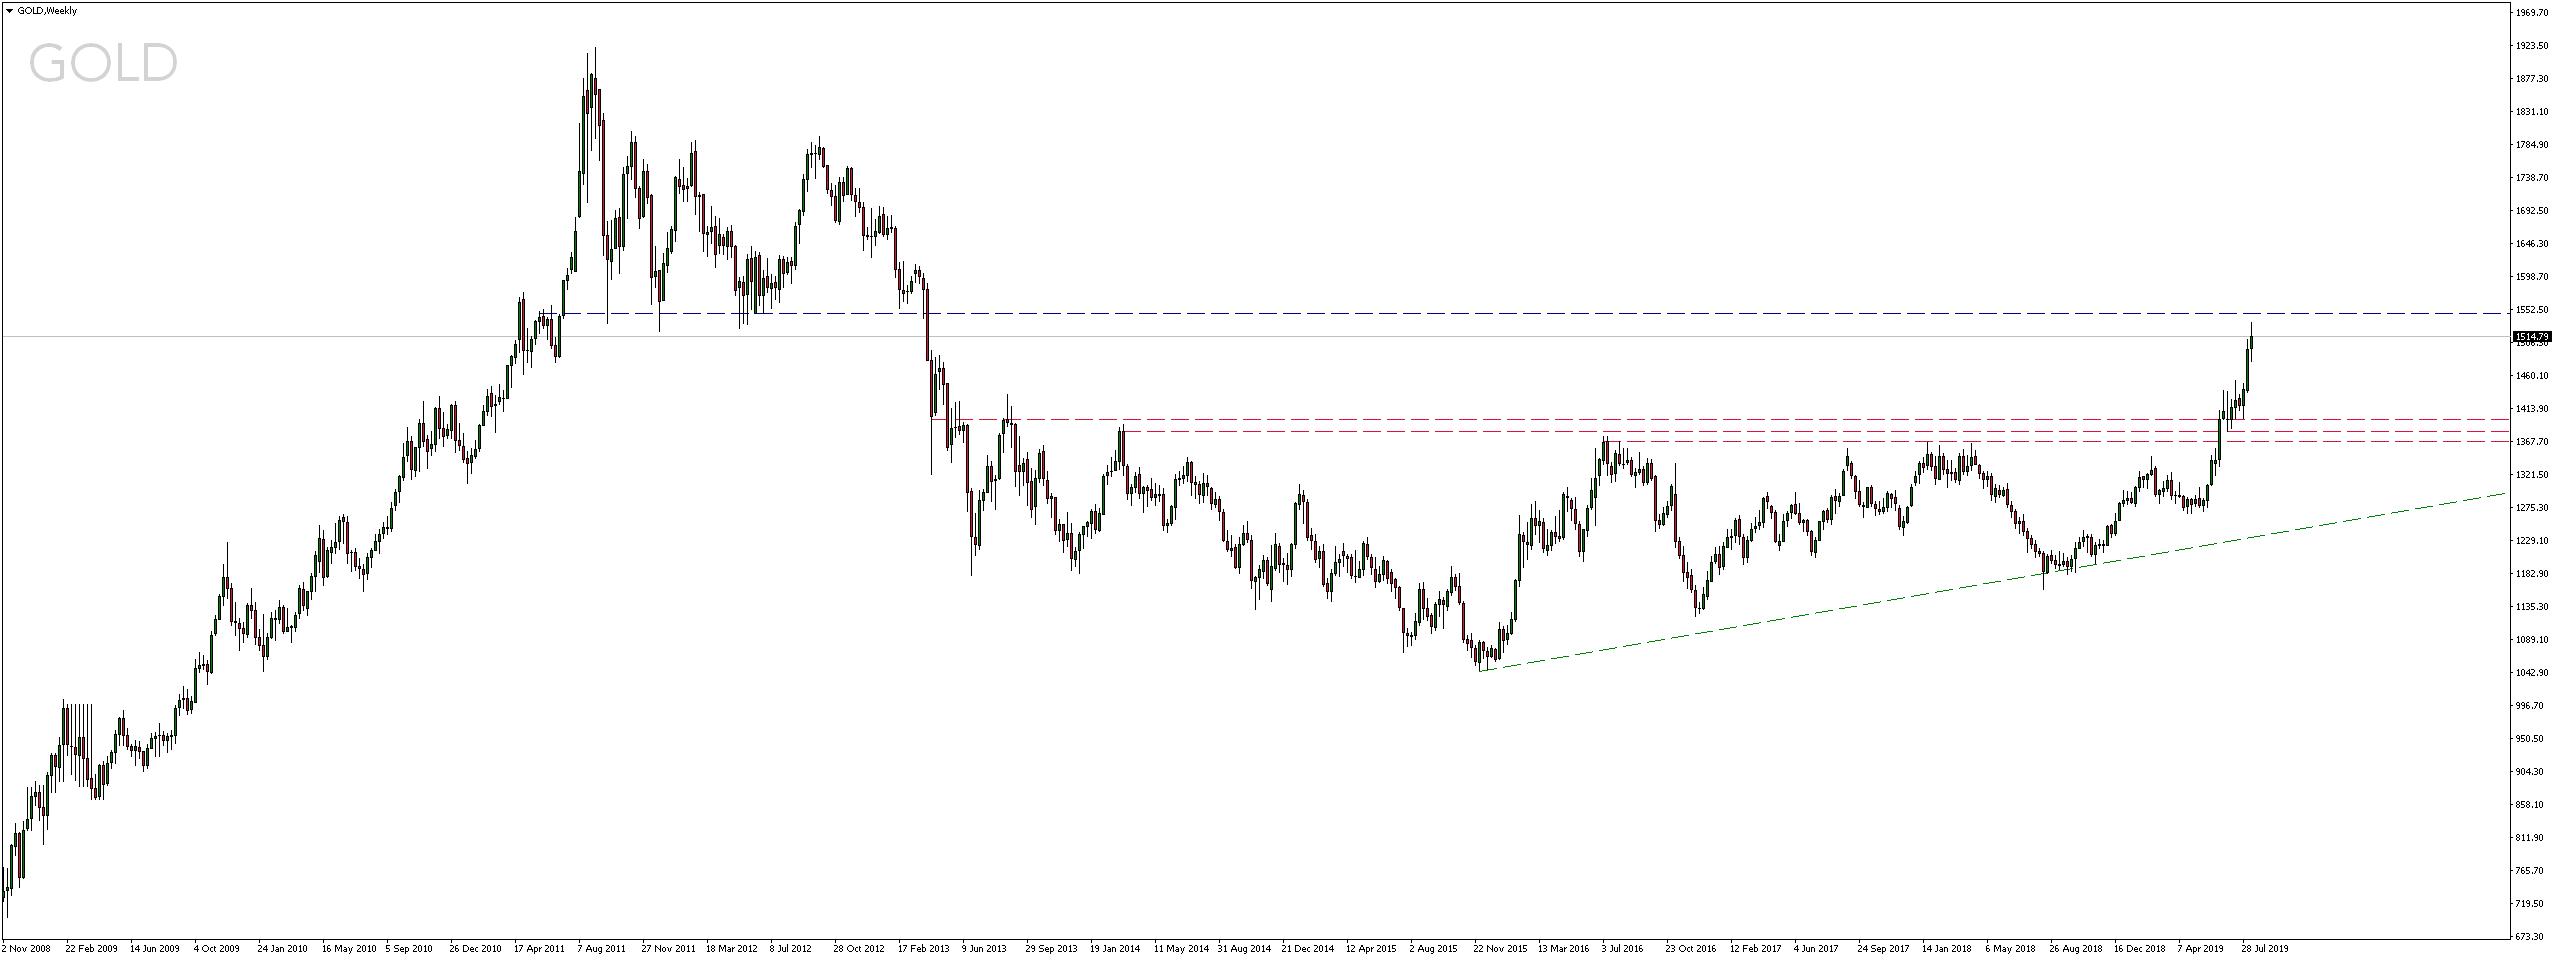 Cena złota powyżej 1500 USD